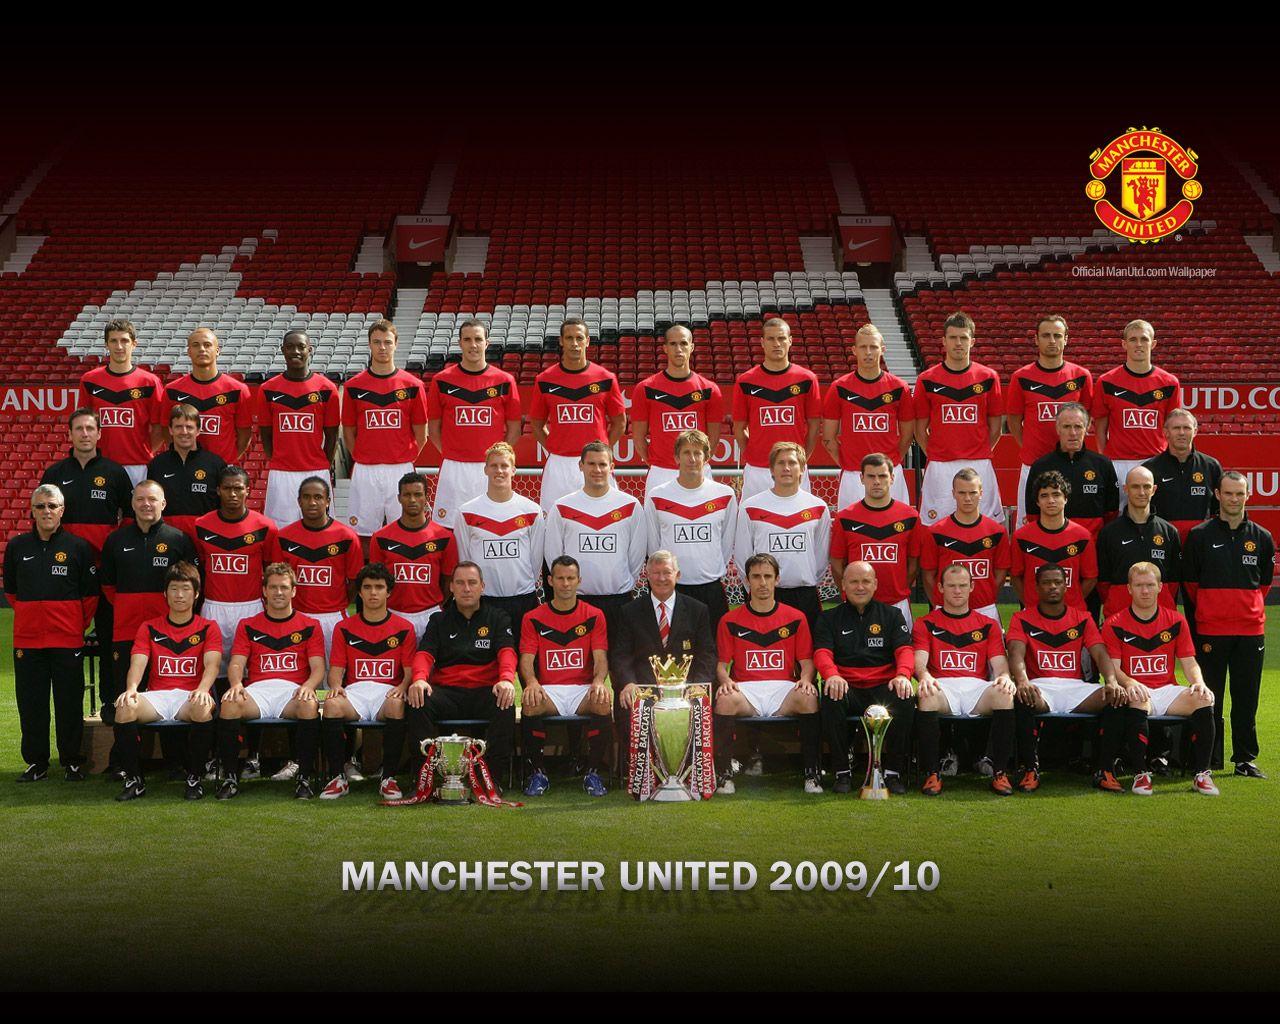 http://4.bp.blogspot.com/-9GZ6WroQYJM/TgTkpnrTe1I/AAAAAAAABBQ/funpBJUuFuQ/s1600/Manchester-United-Squad-Wallpaper-2009-2010.jpeg